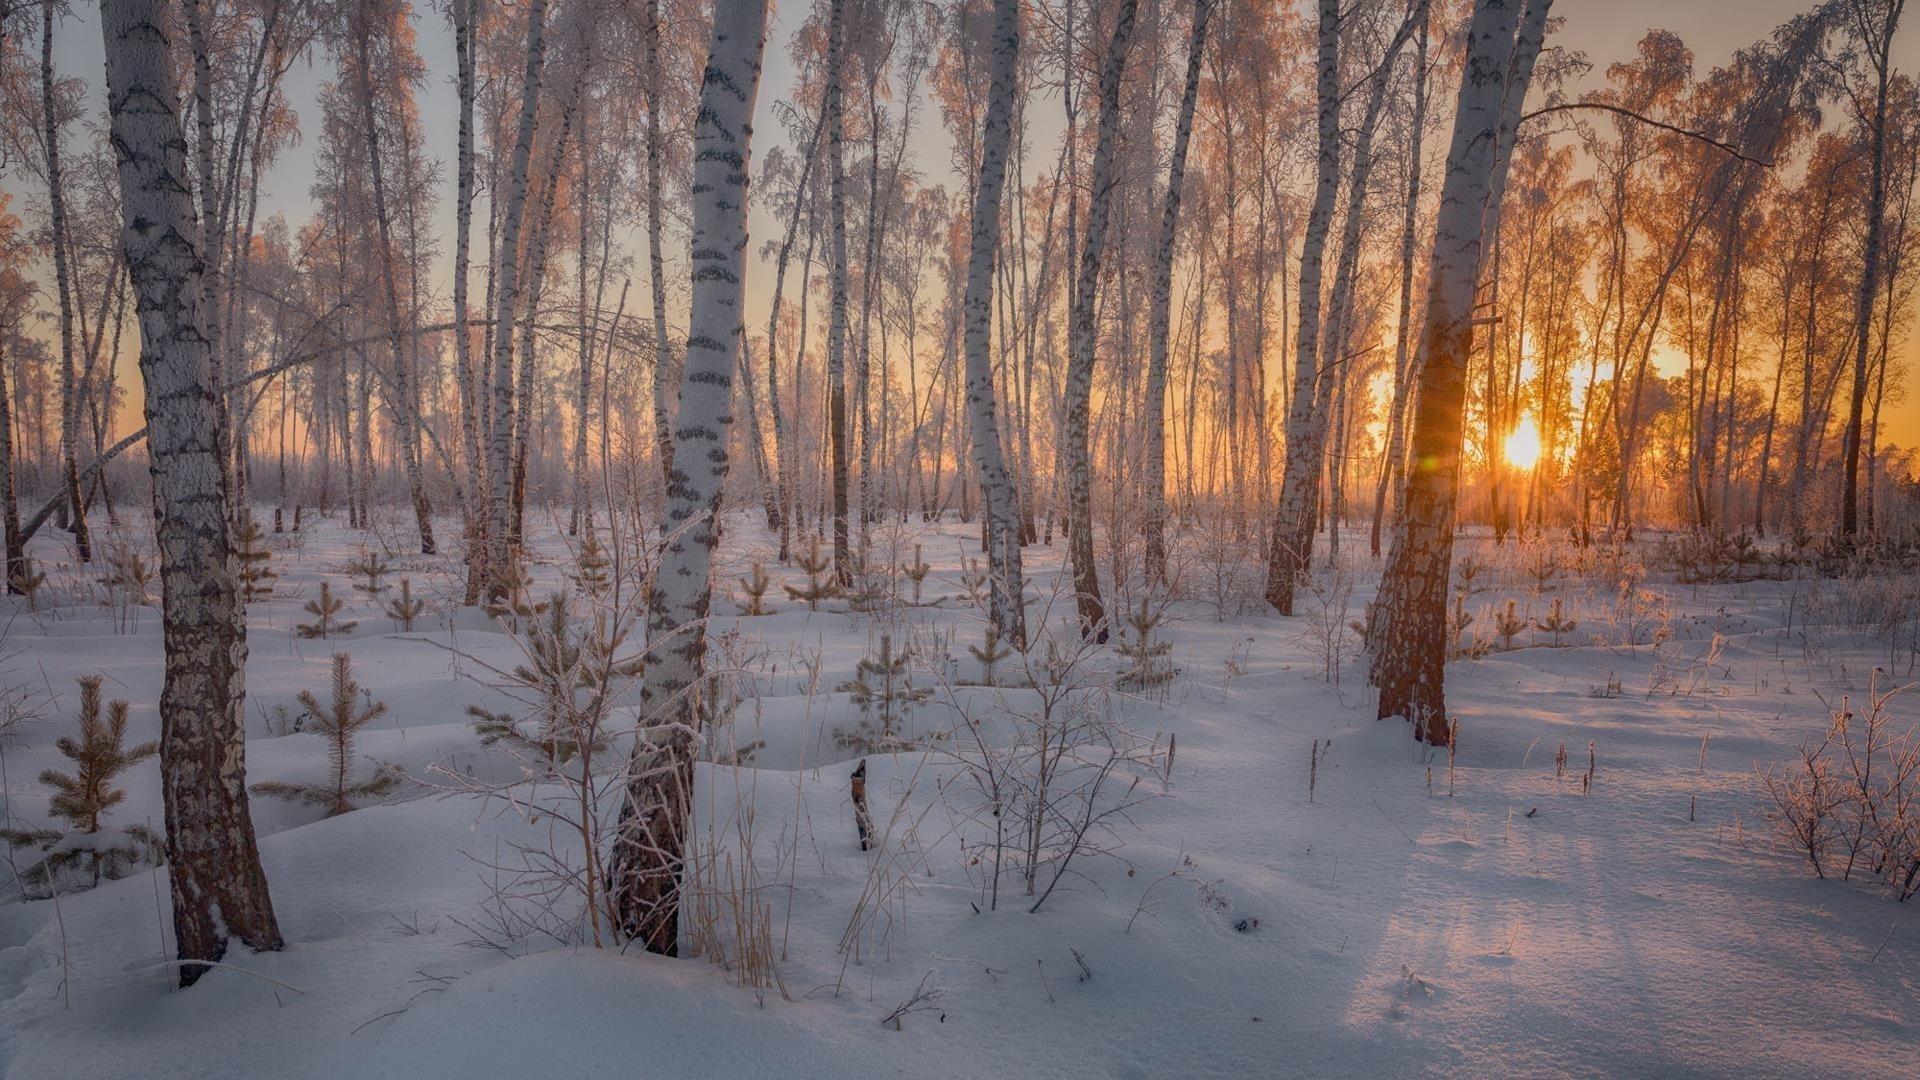 Заснеженный ствол в лесу во время заката зимы обои скачать